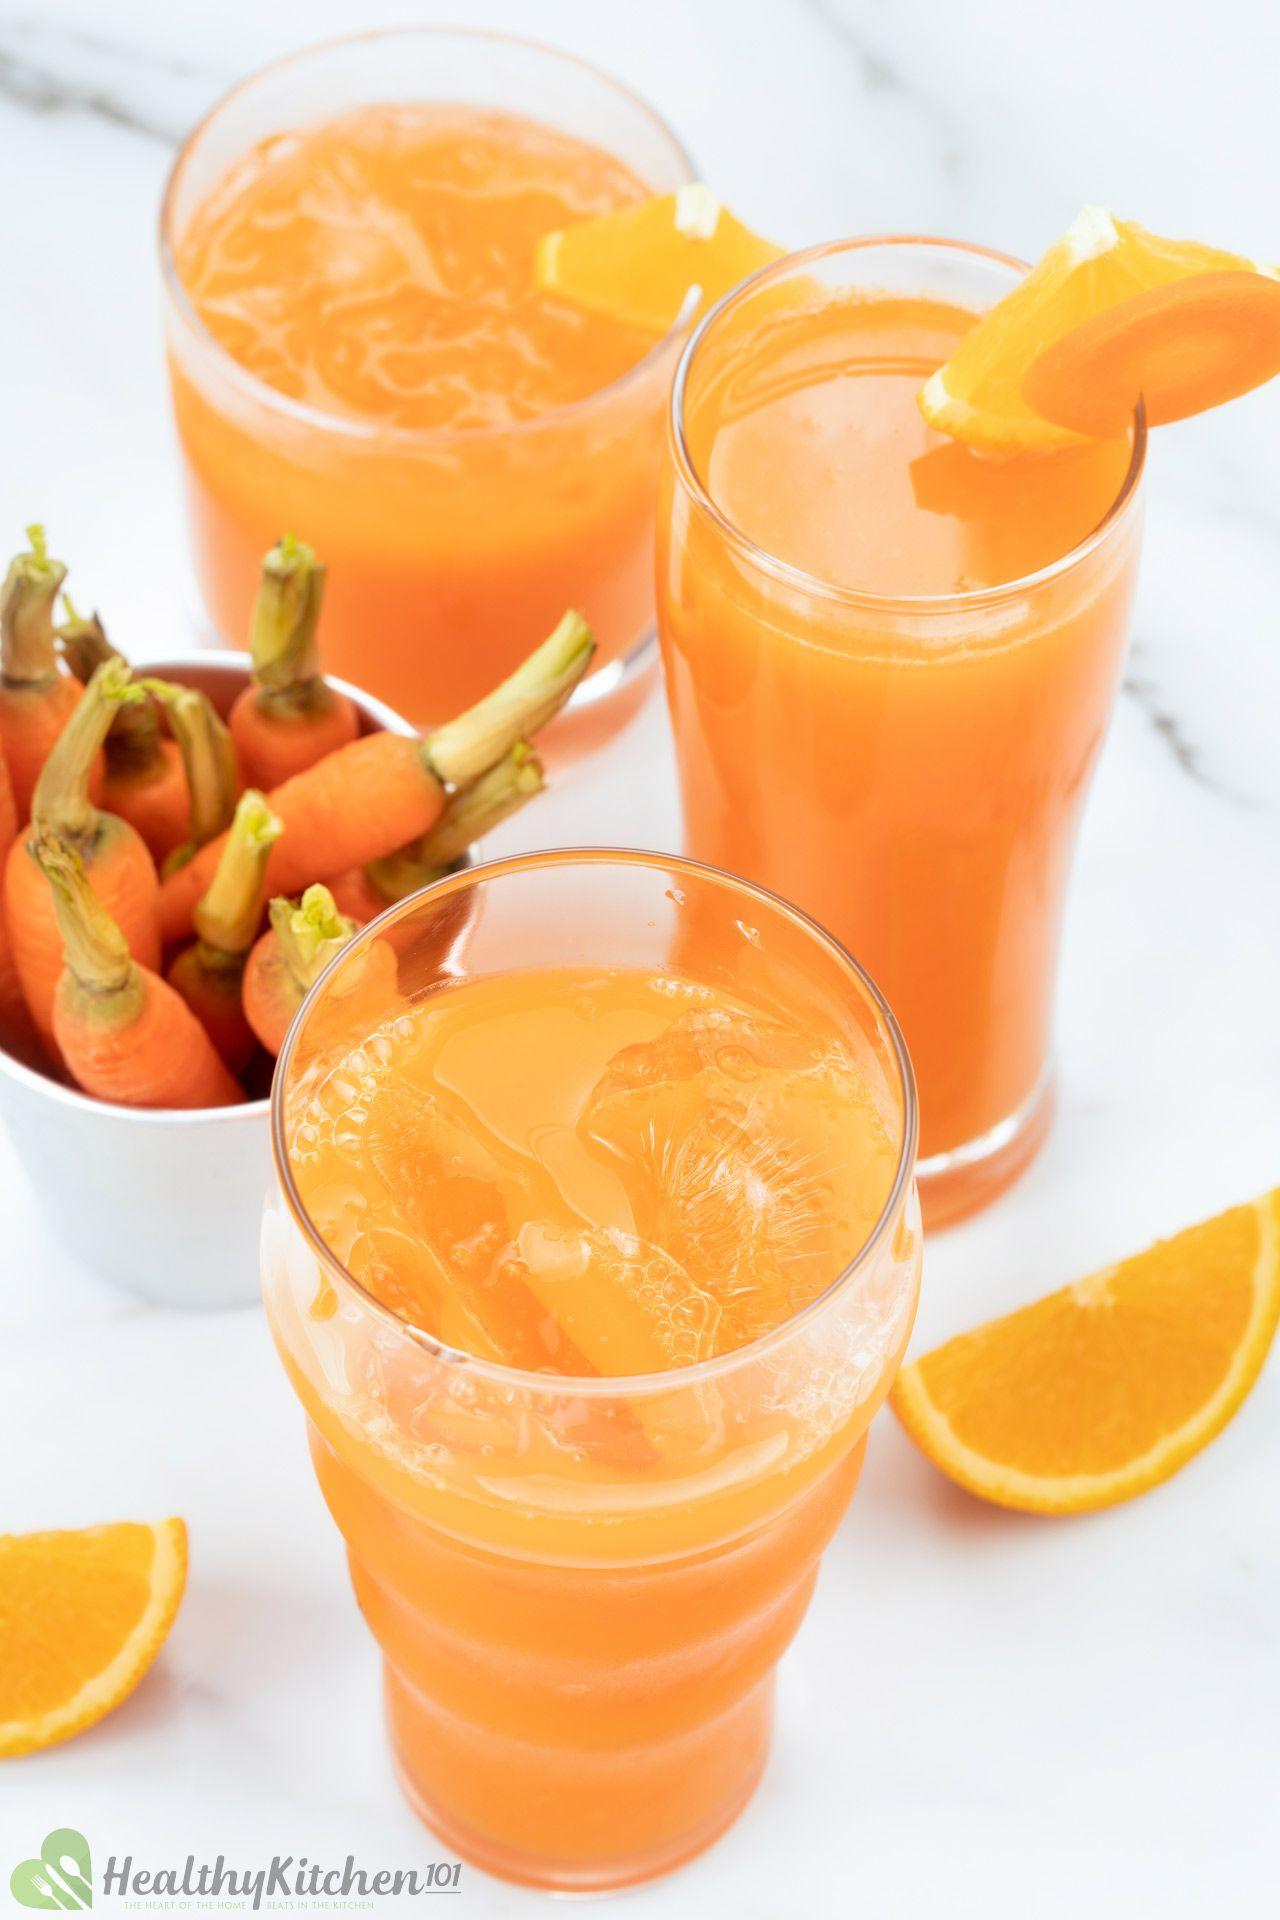 Carrot Orange Juice Recipe